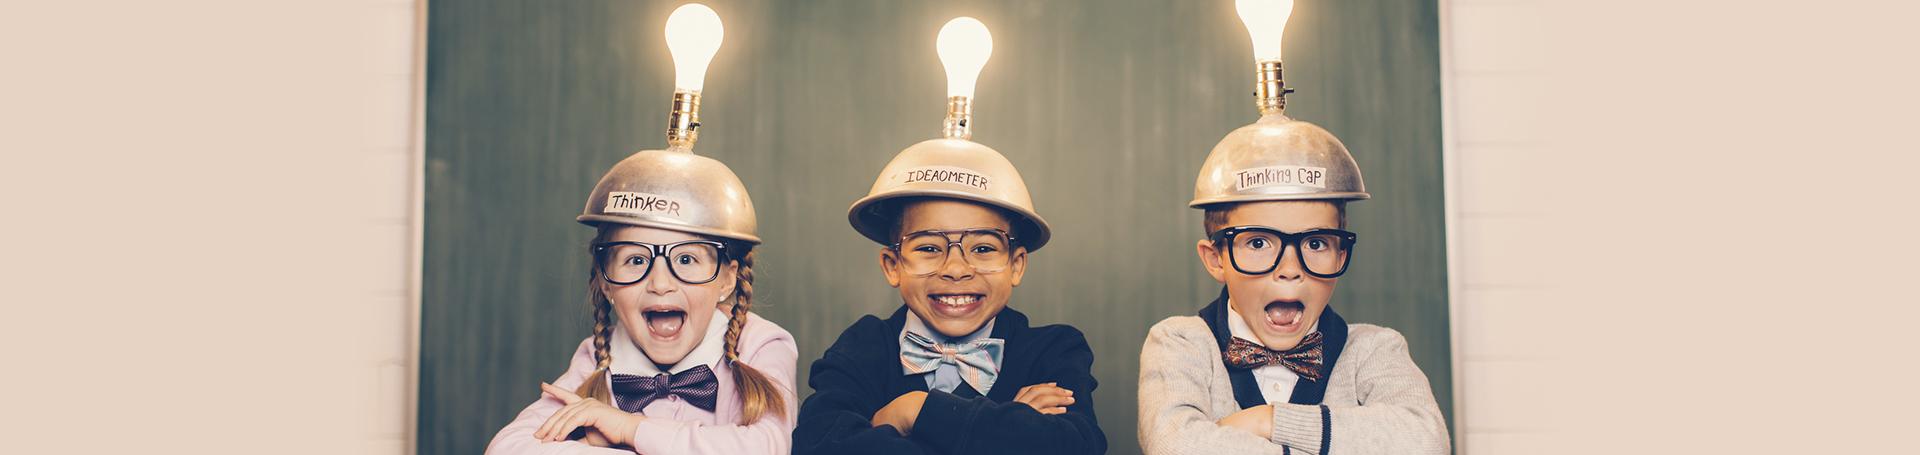 Empreendedorismo nas escolas: mais inovação e colaboração